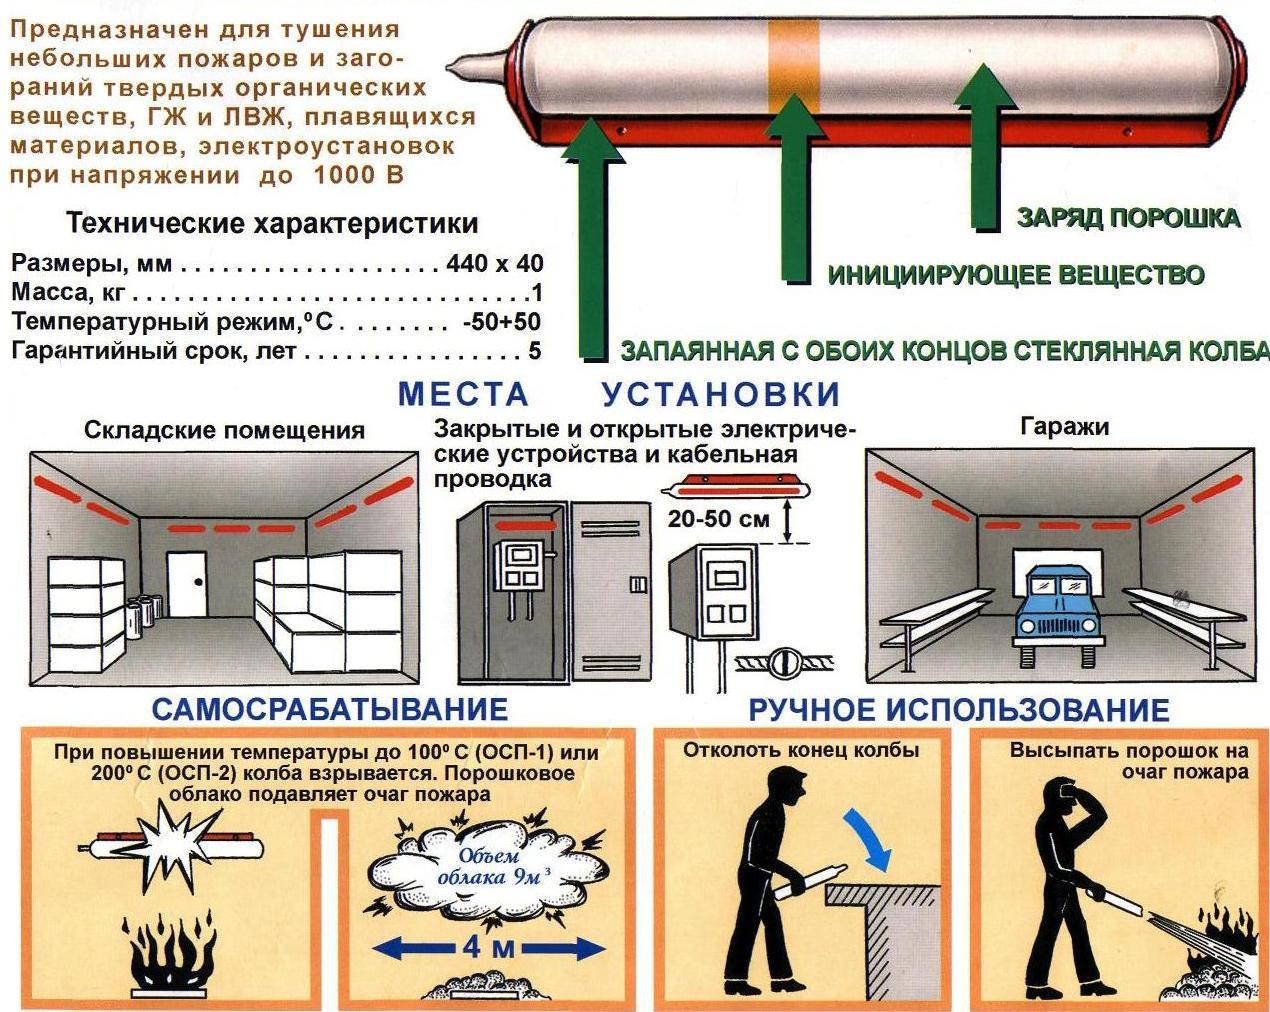 информация о самосрабатывающих огнетушителях